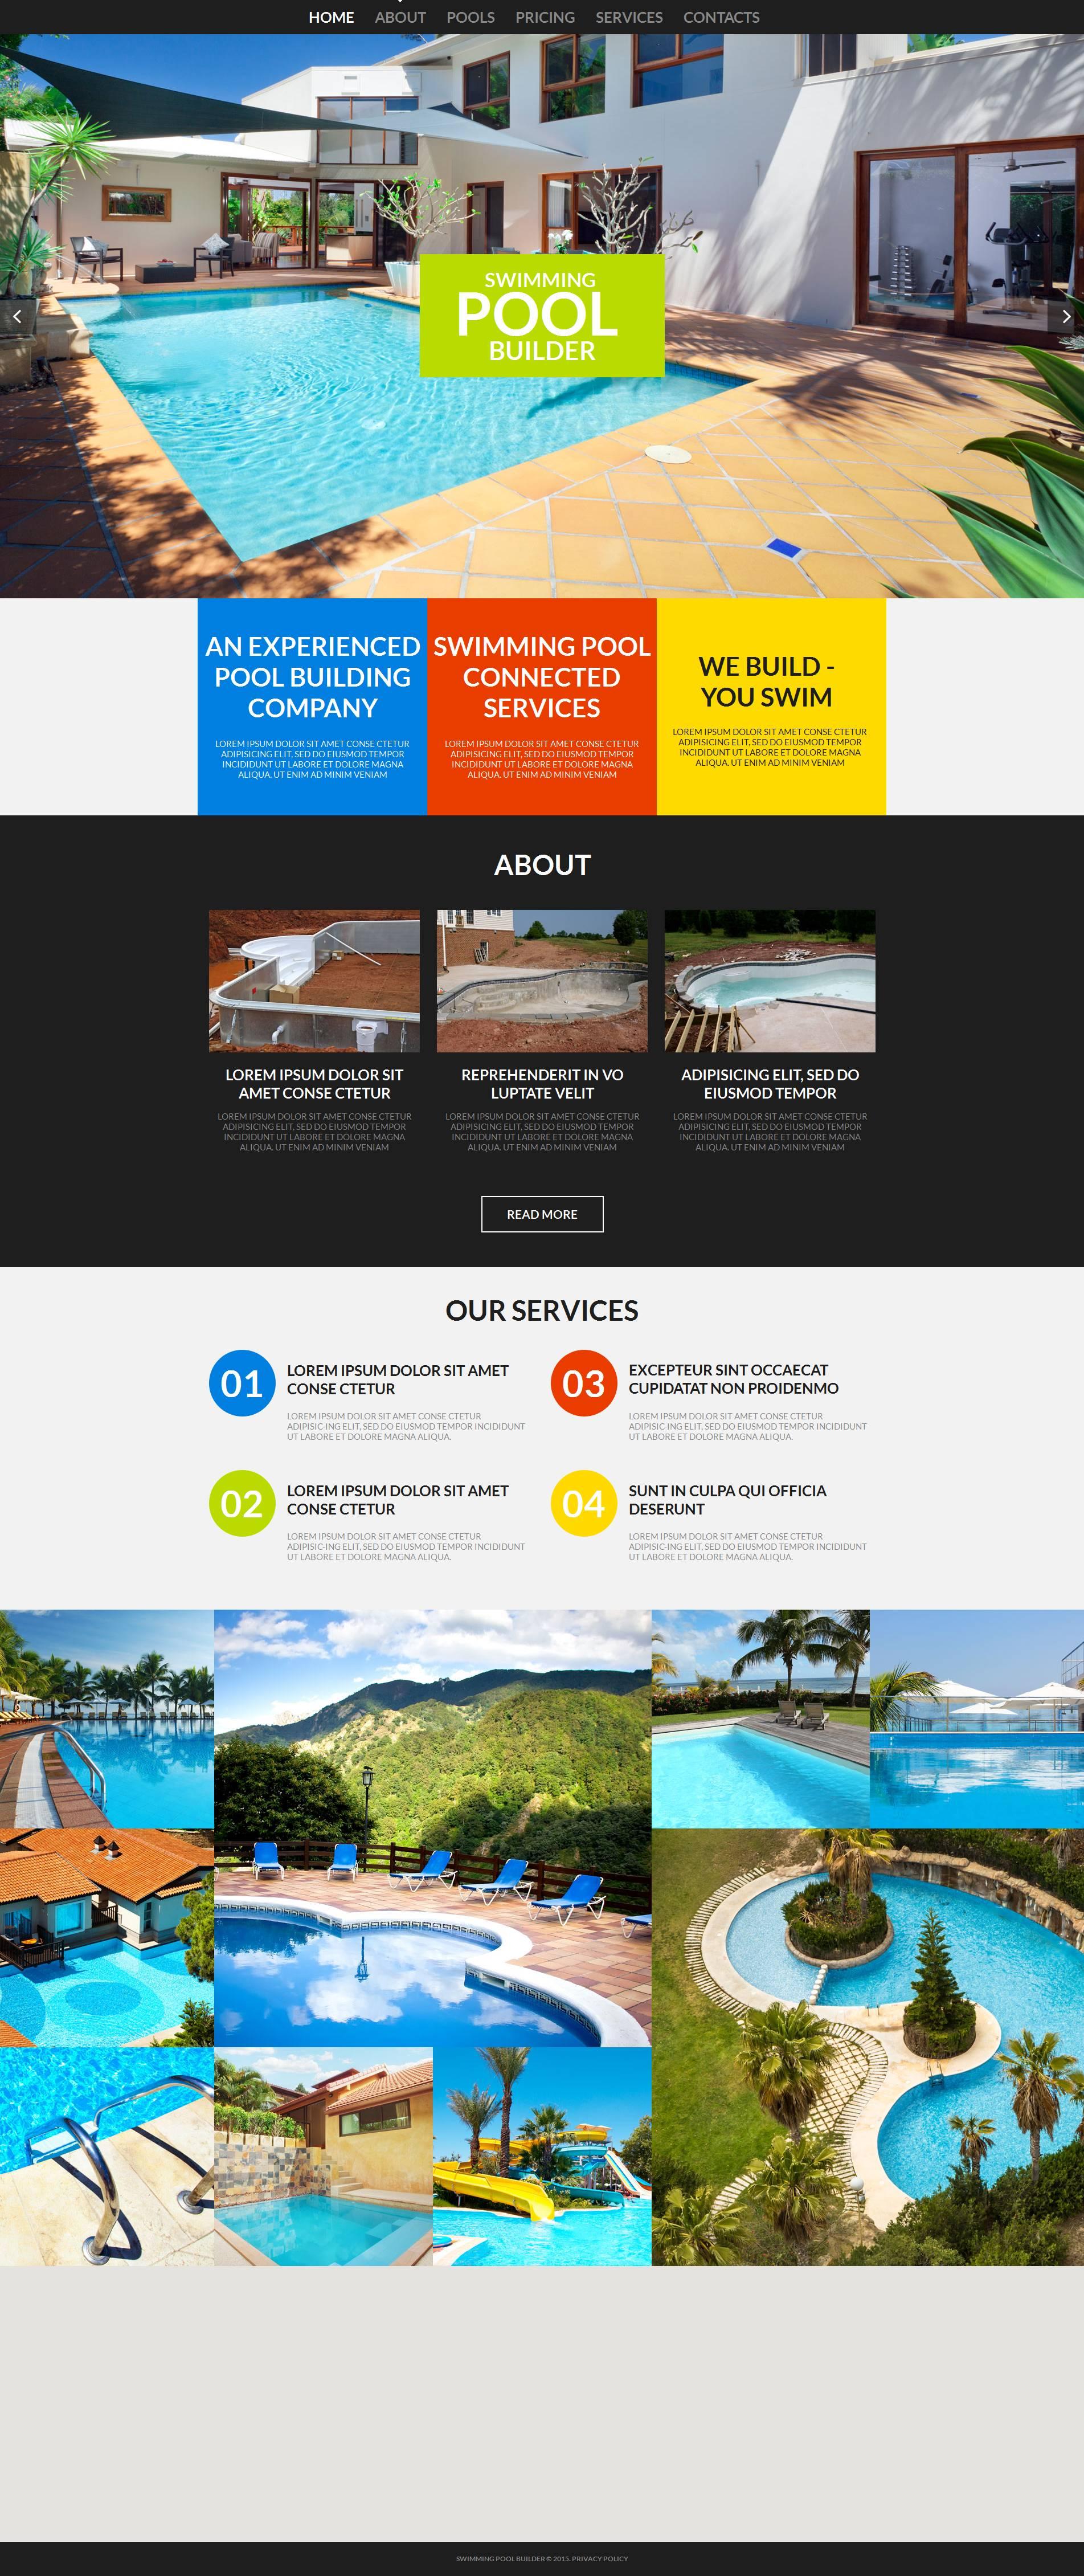 Plantilla Moto CMS HTML #53061 para Sitio de Piscinas